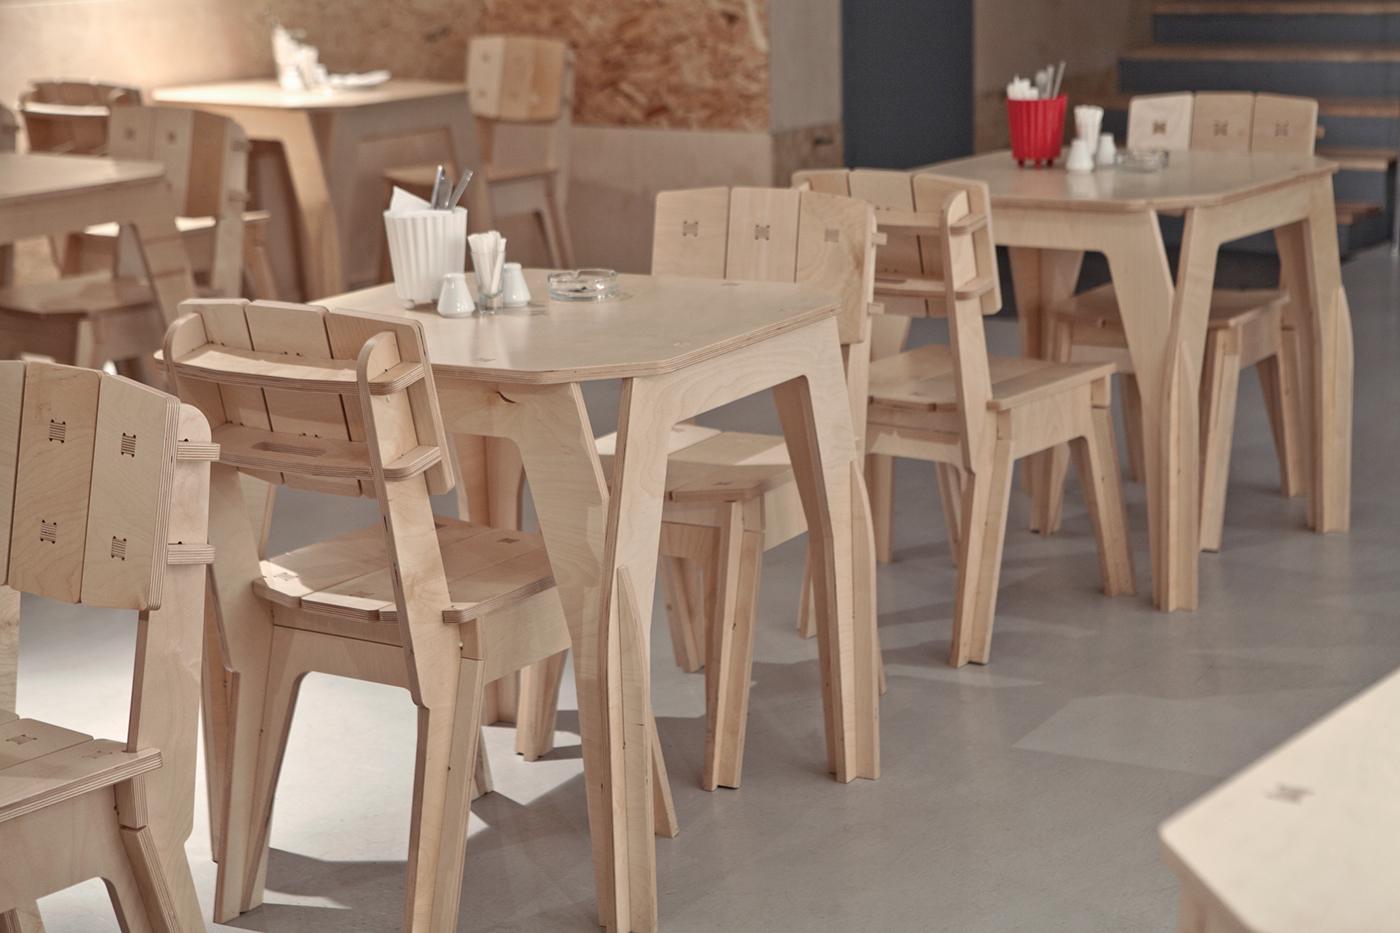 Digital Chair Design for Laser CNC DWG File